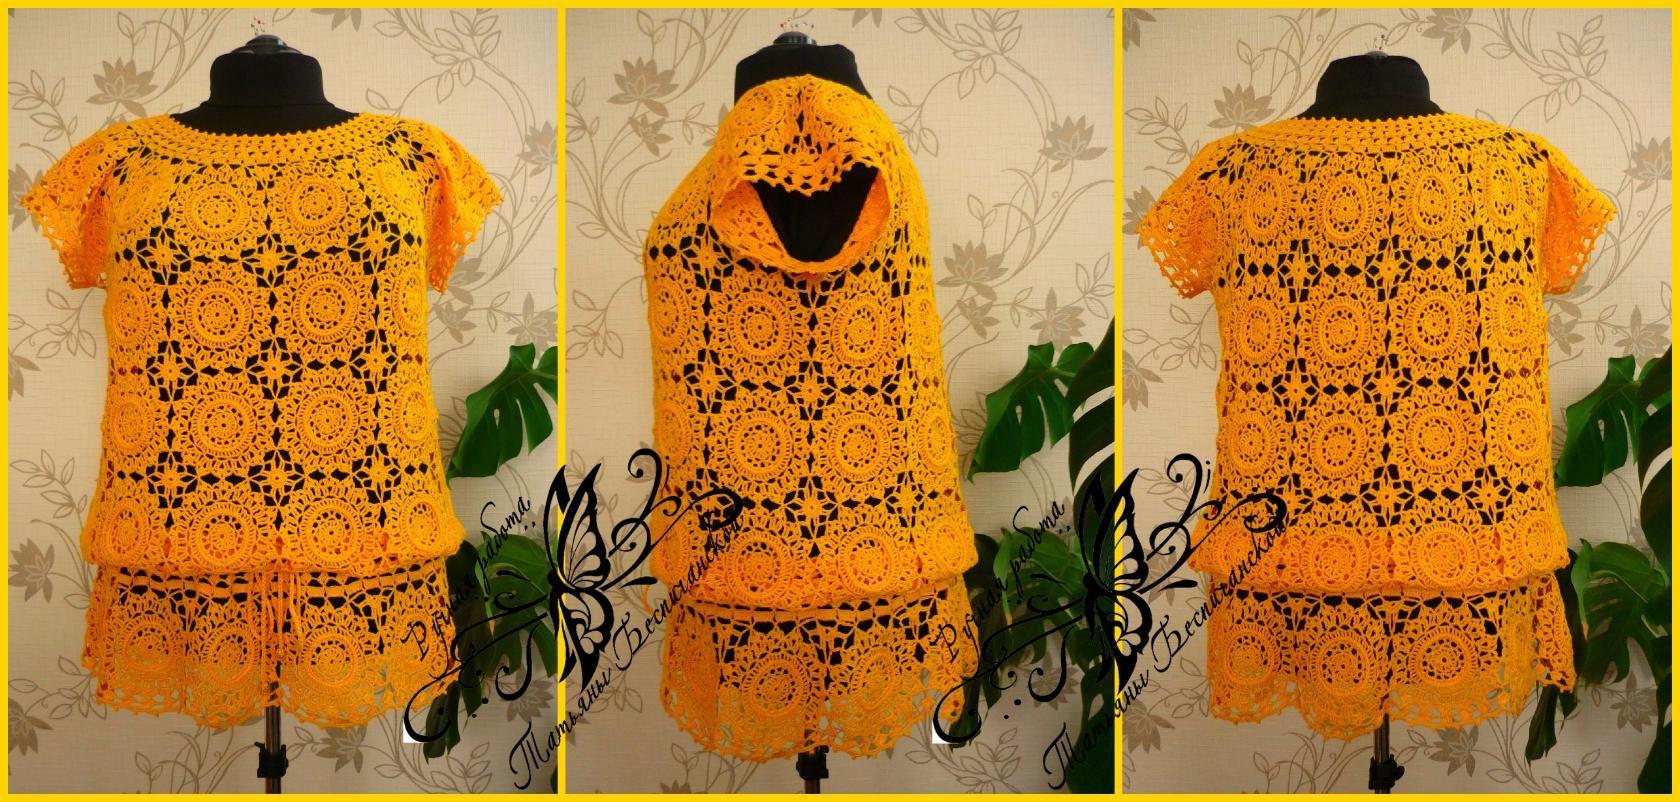 欣赏几款漂亮的夏衣(都是可以仿的) - maomao - 我随心动